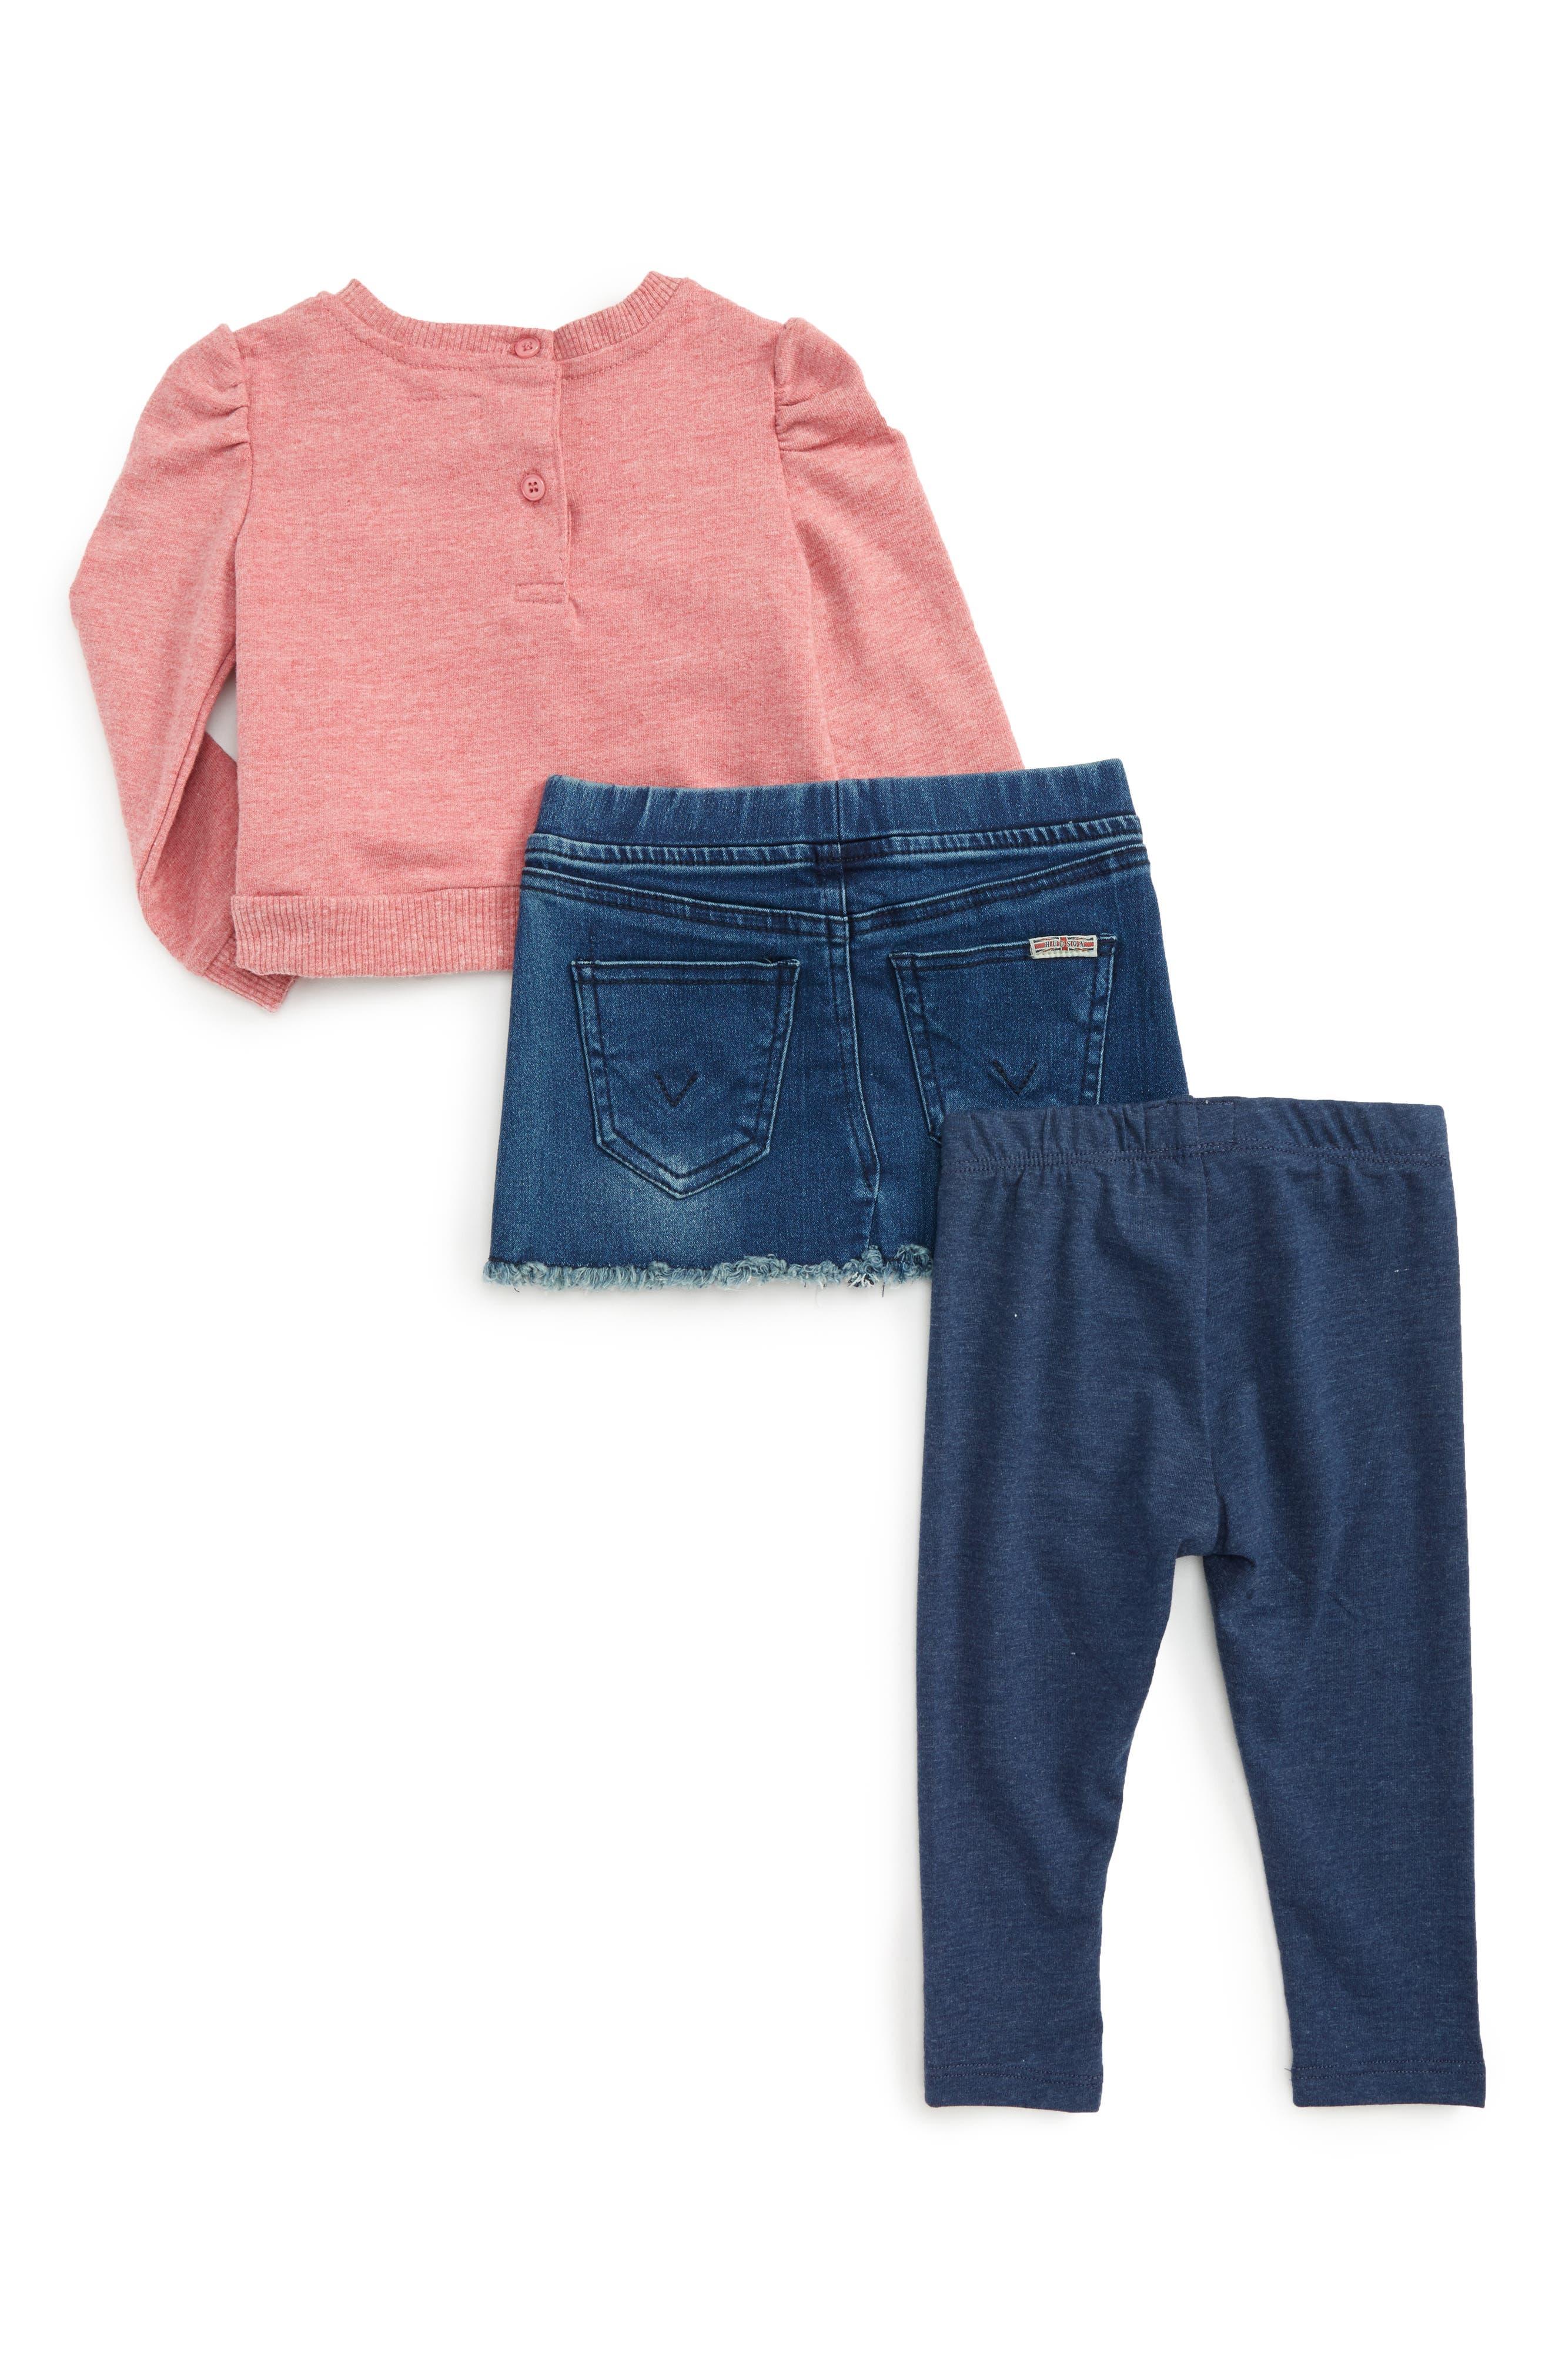 HUDSON KIDS,                             Crochet Pullover, Denim Skirt & Leggings Set,                             Alternate thumbnail 2, color,                             430